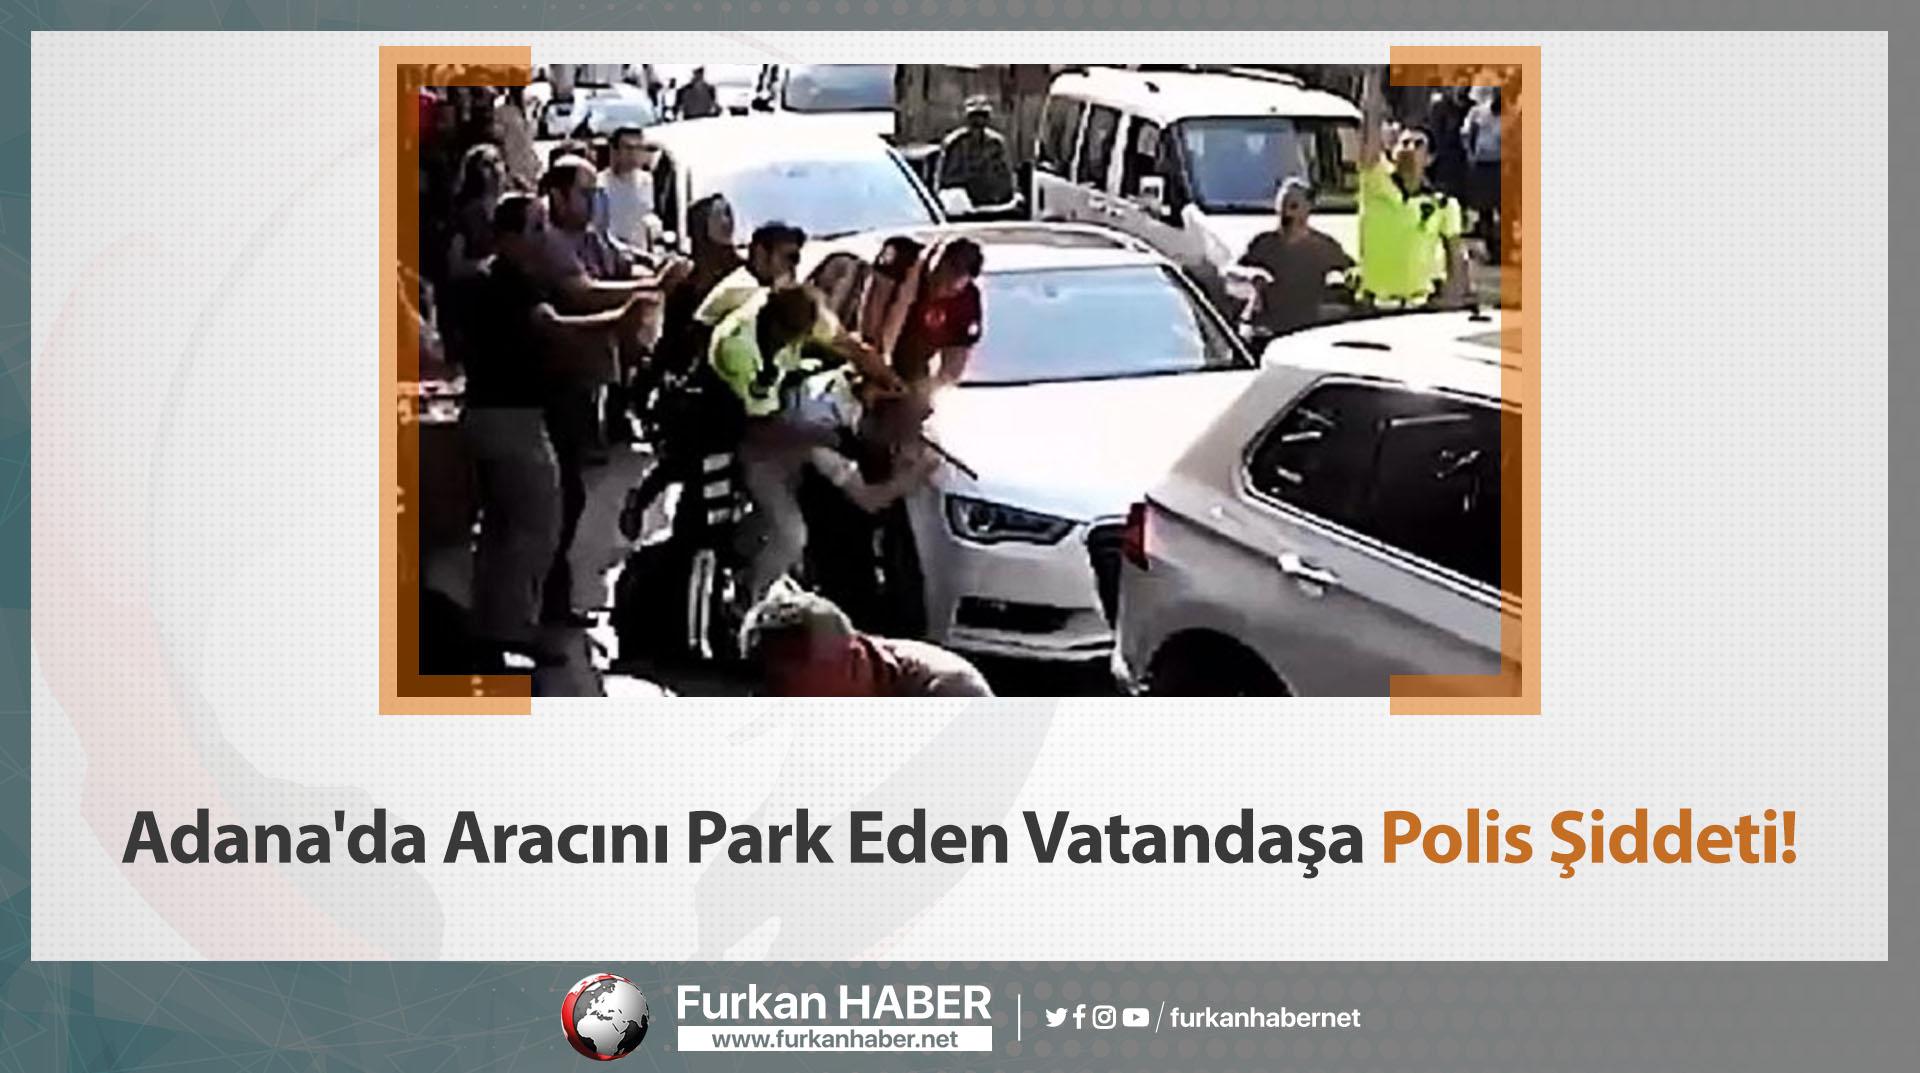 Adana'da Aracını Park Eden Vatandaşa Polis Şiddeti!